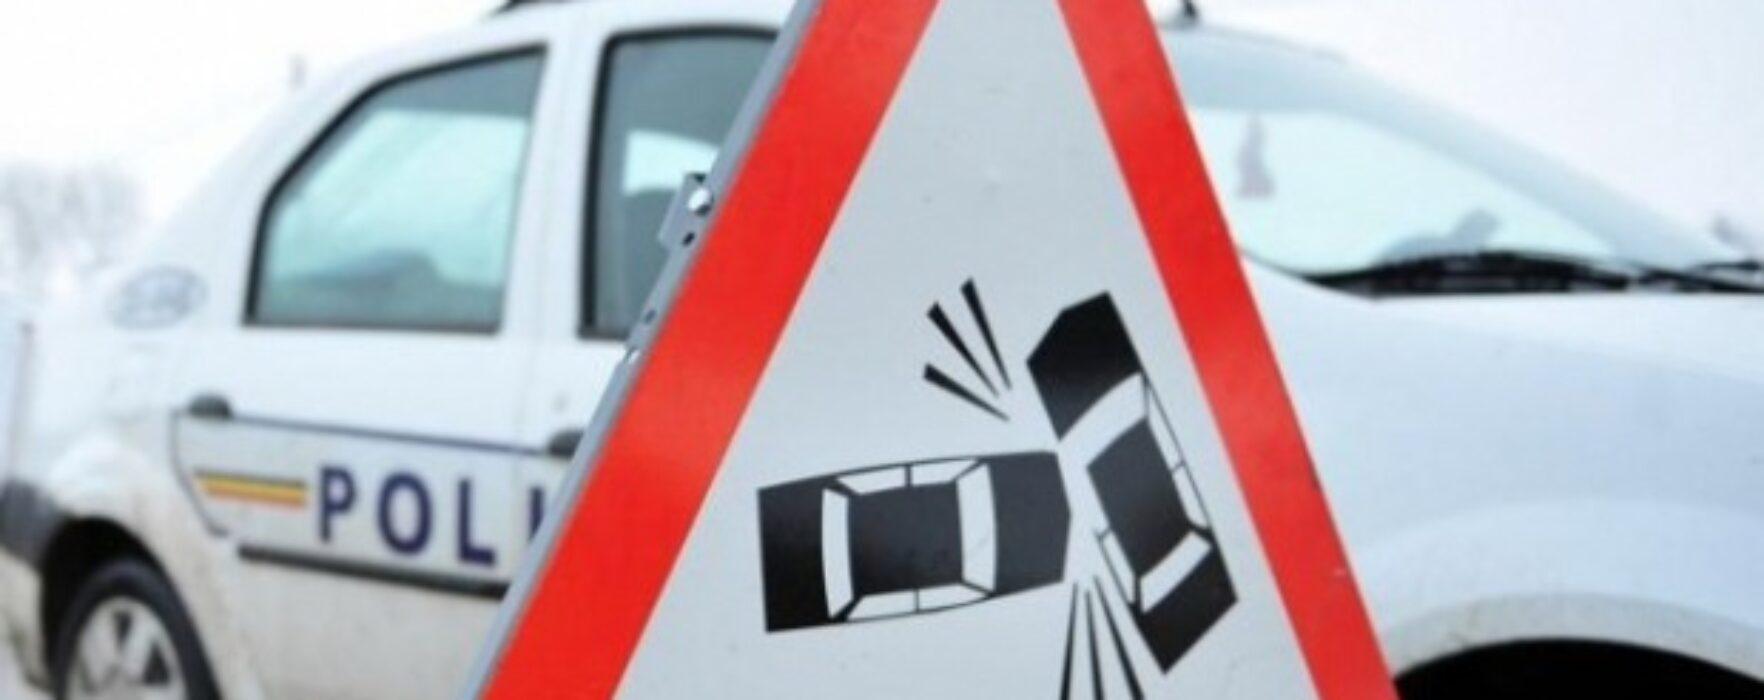 Accident în lanţ pe DN 72 Târgovişte-Ploieşti, în zona Dărmăneşti se circulă pe un singur fir de mers